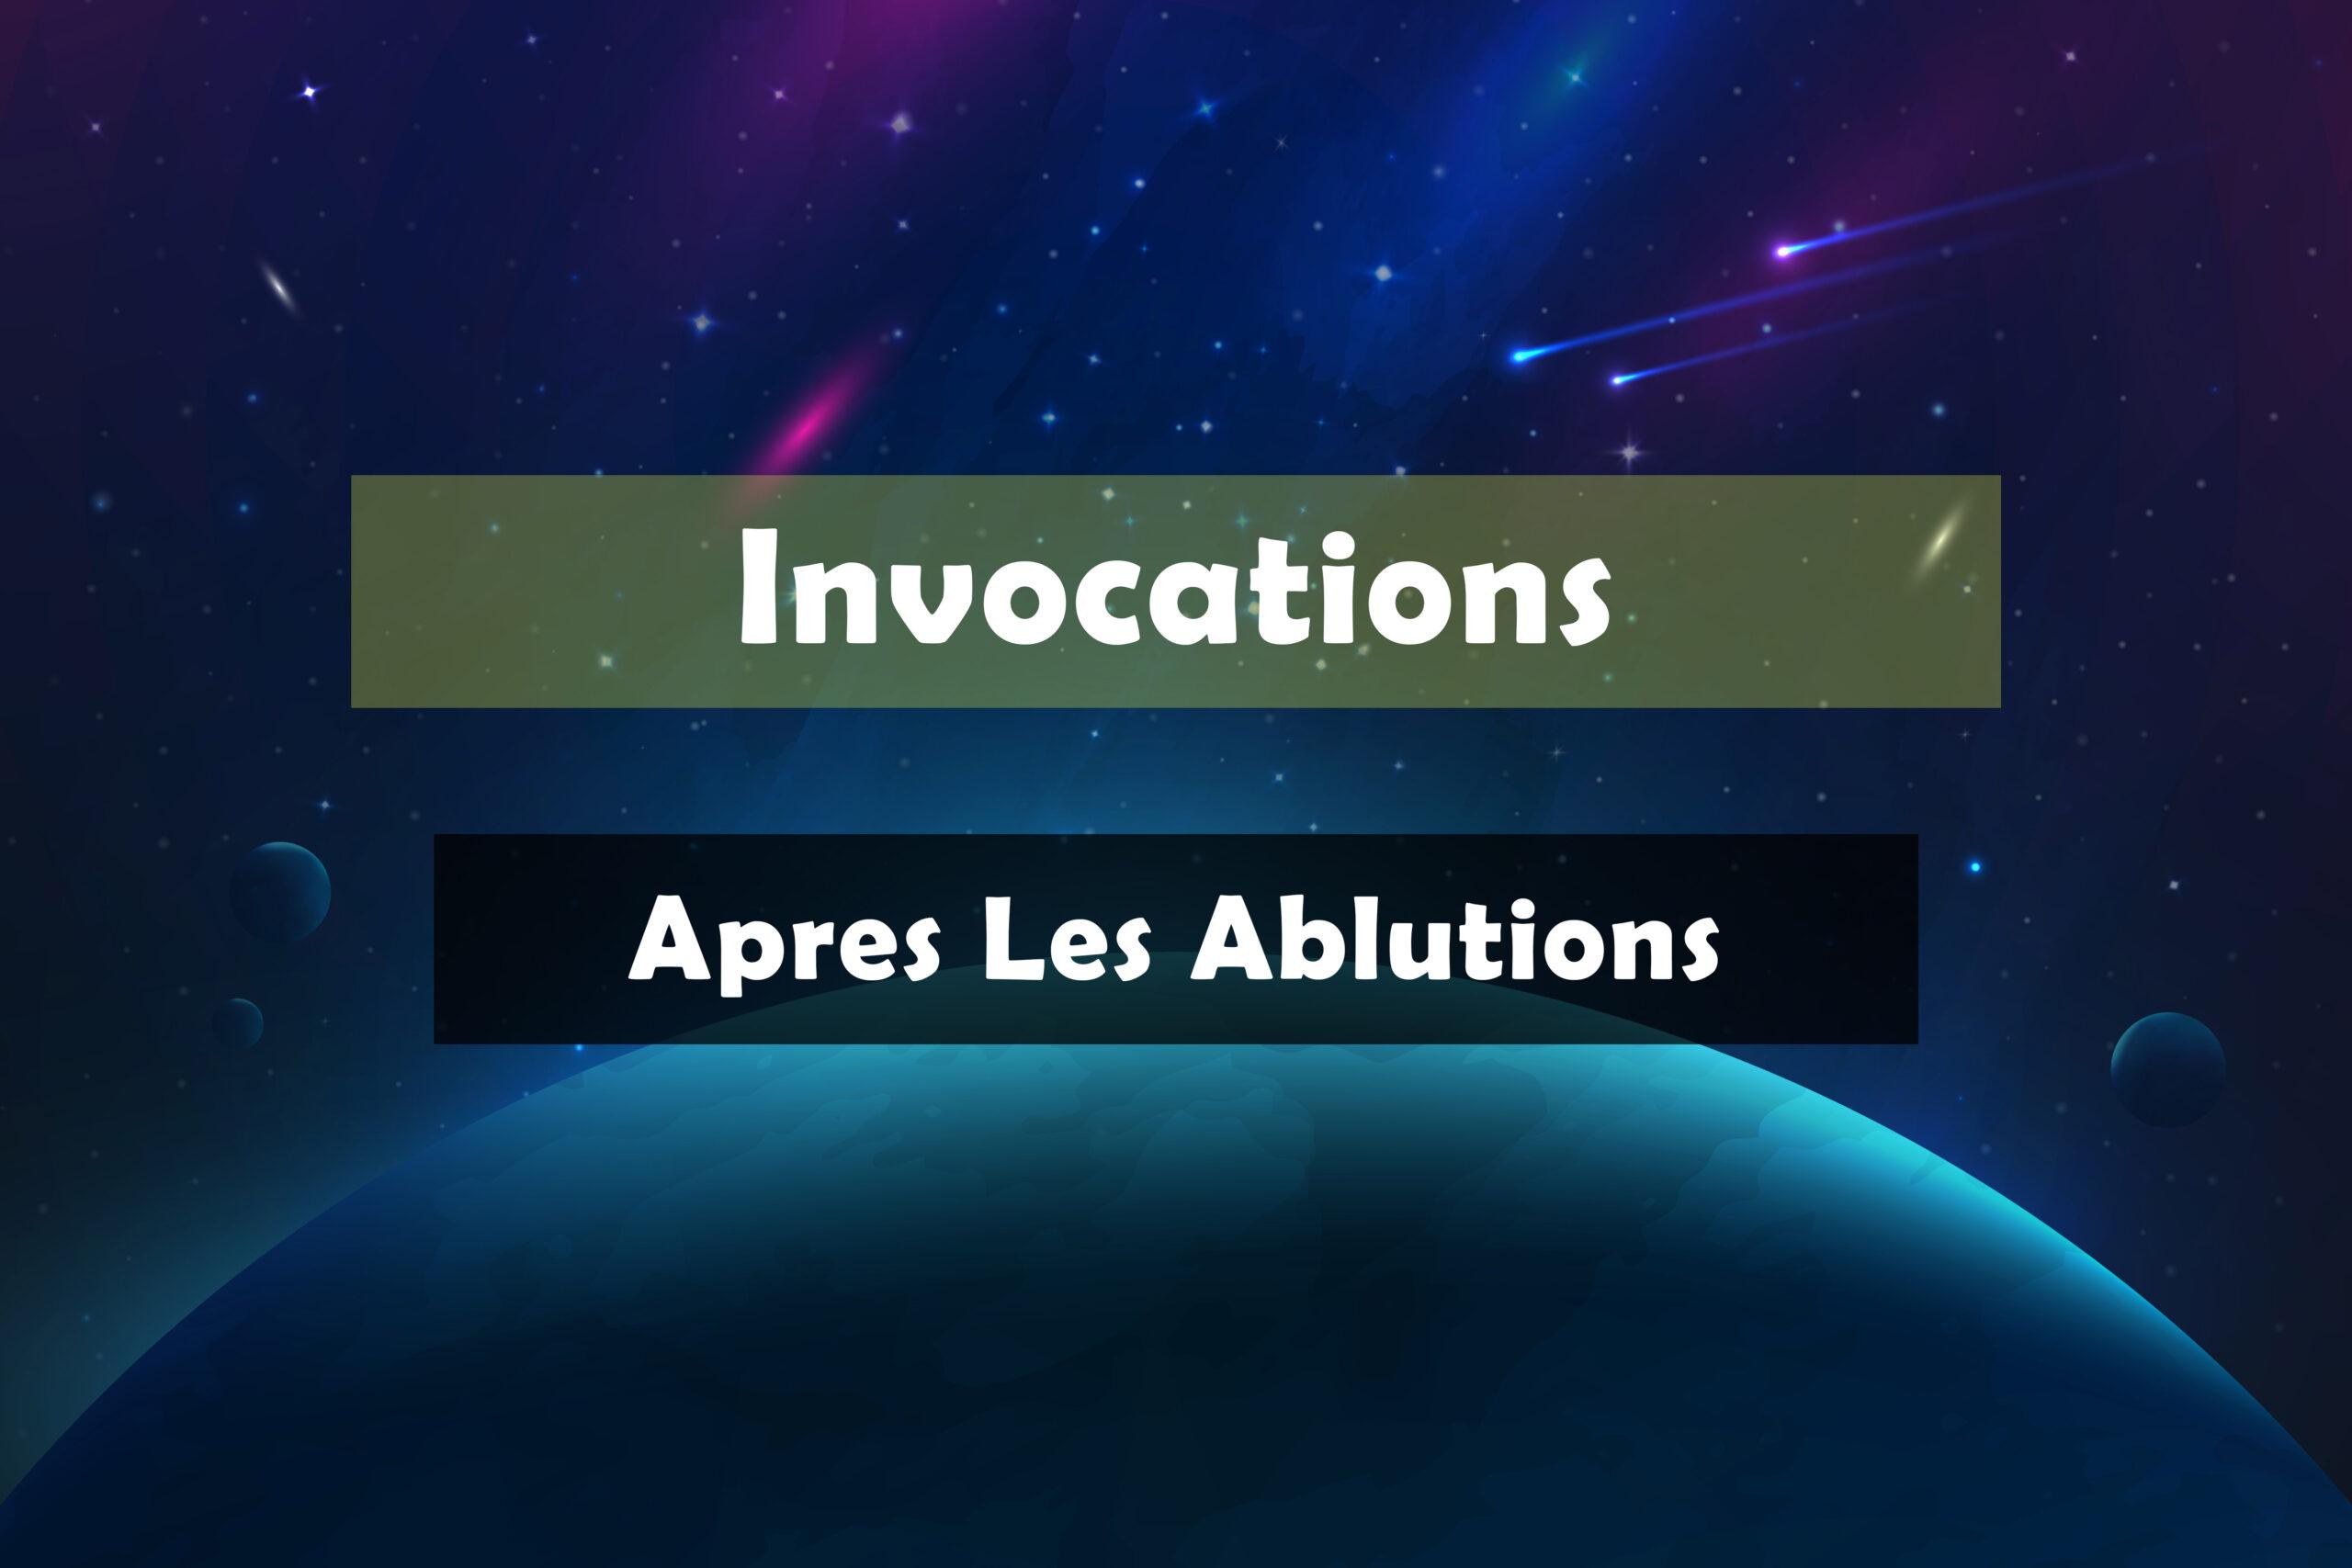 Invocations a dire apres les ablutions